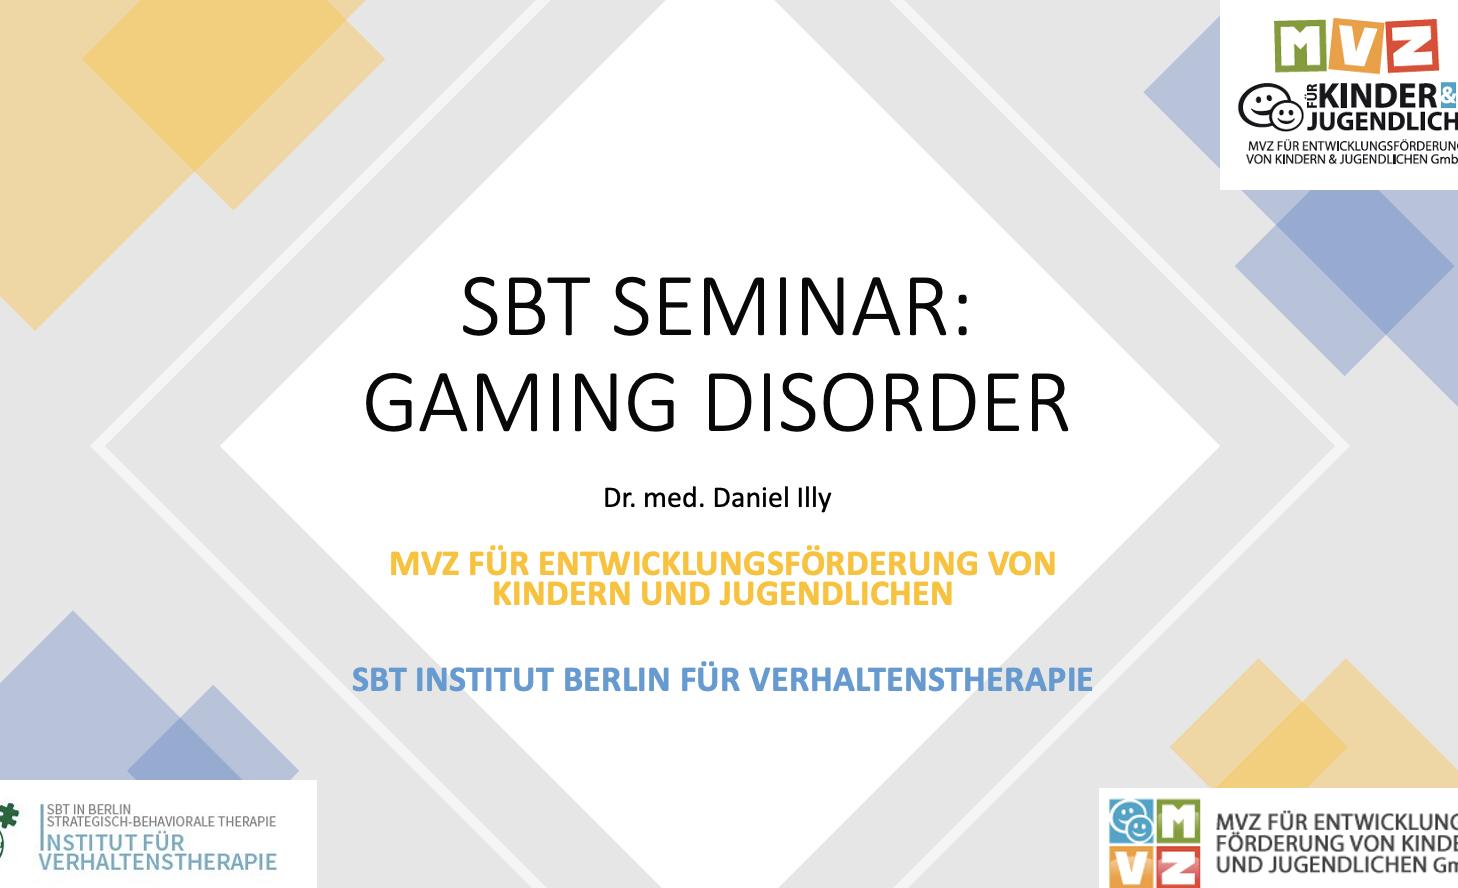 SBT Seminar: Gaming Disorder Videospiel-und Internetabhängigkeit